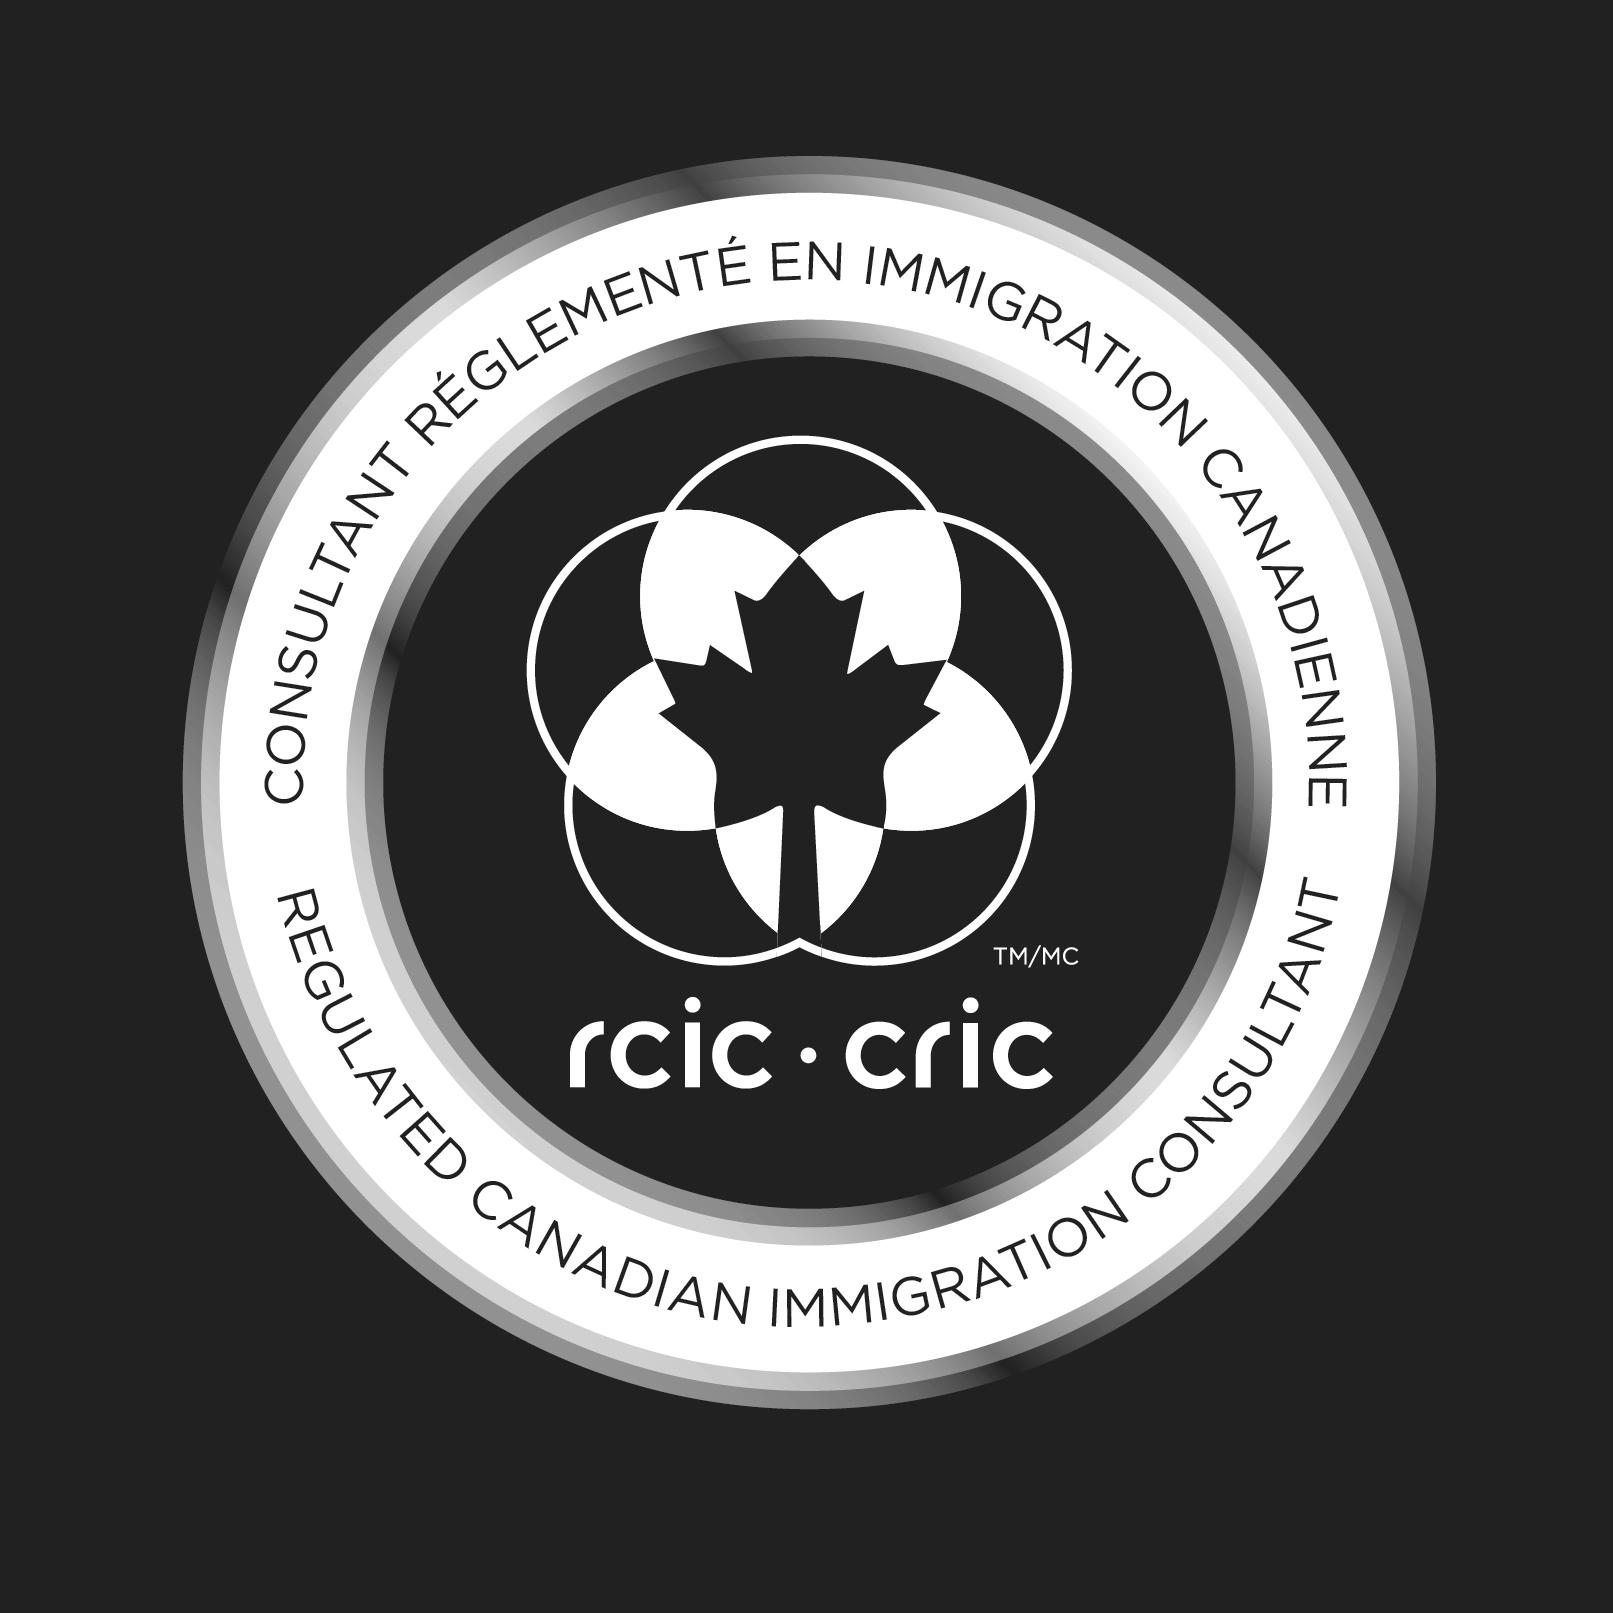 ICCRC Insignia